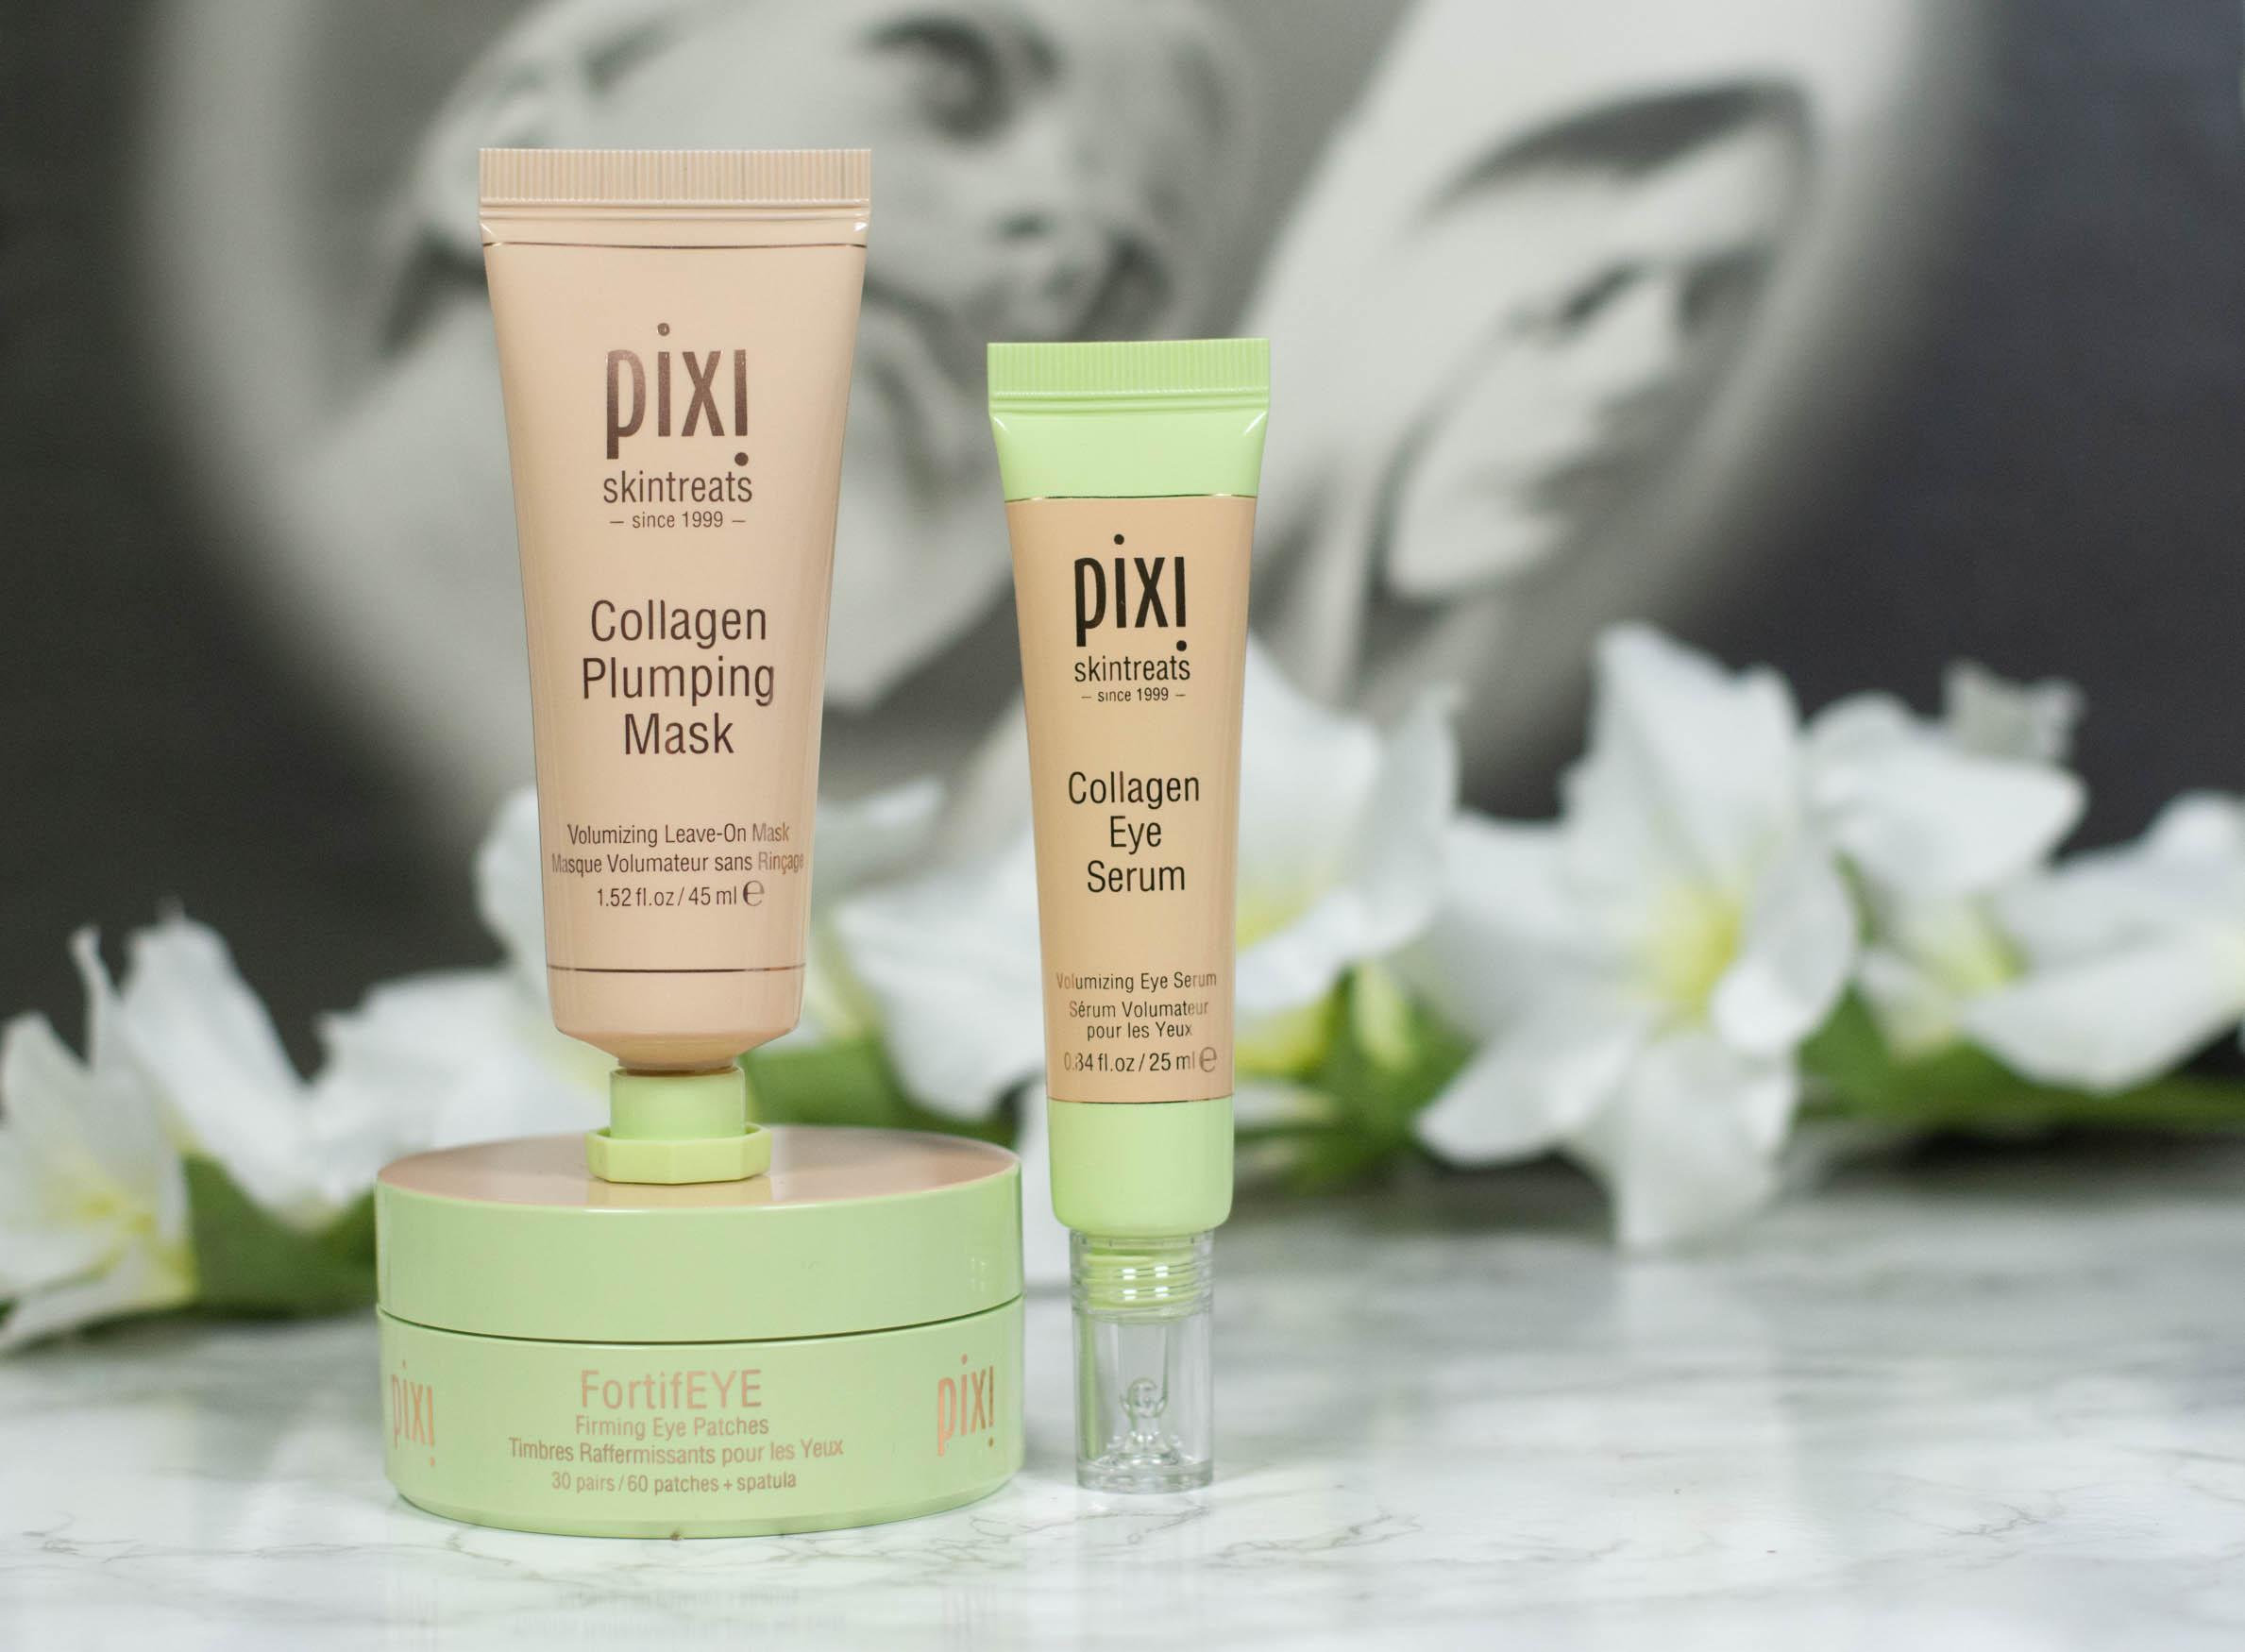 pixi Collagen skincare